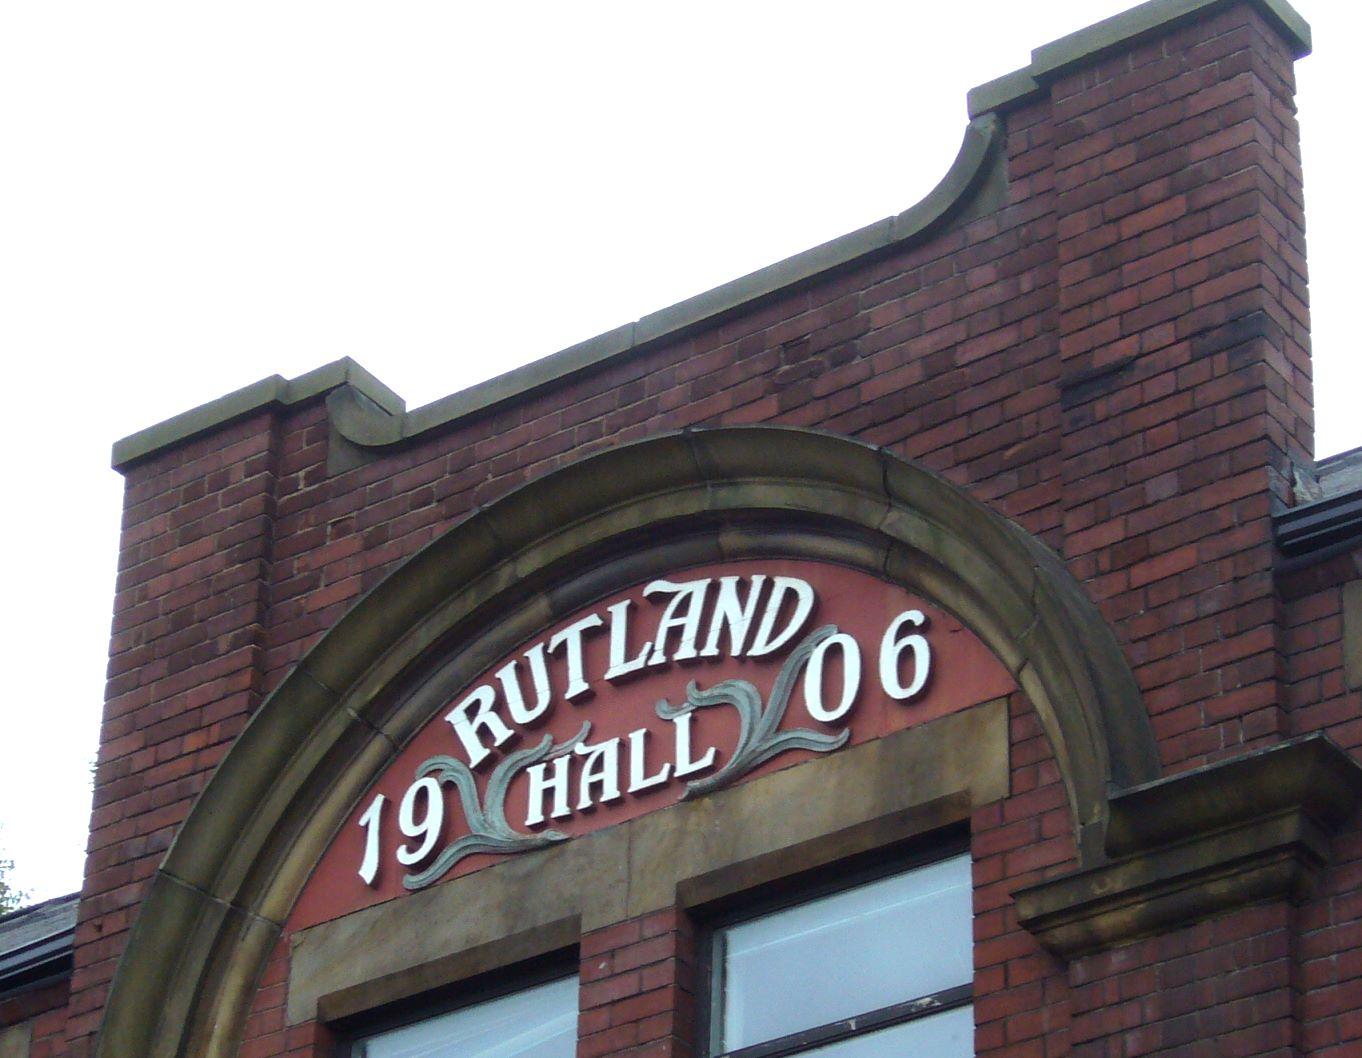 Sheffield dating forum